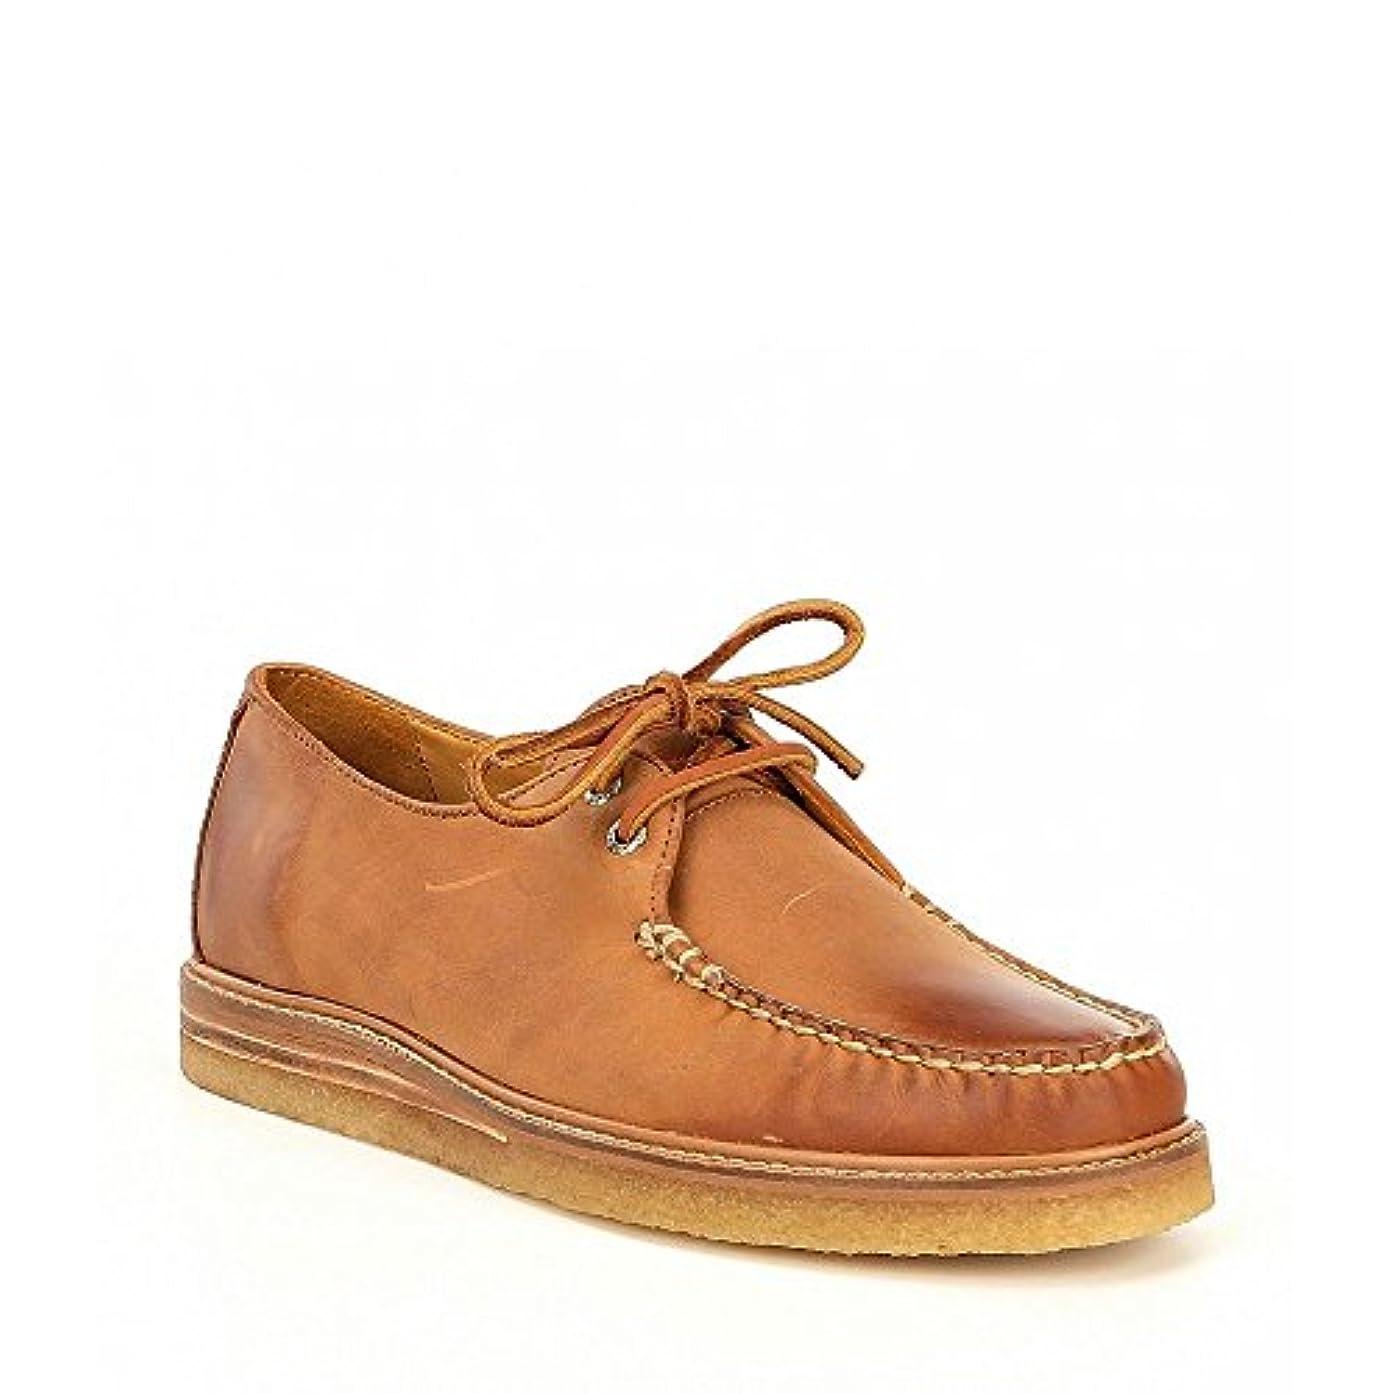 天文学日帰り旅行に絶縁する(スペリー) Sperry メンズ シューズ?靴 革靴?ビジネスシューズ Gold Captain's Ox Crepe Leather Oxfords [並行輸入品]